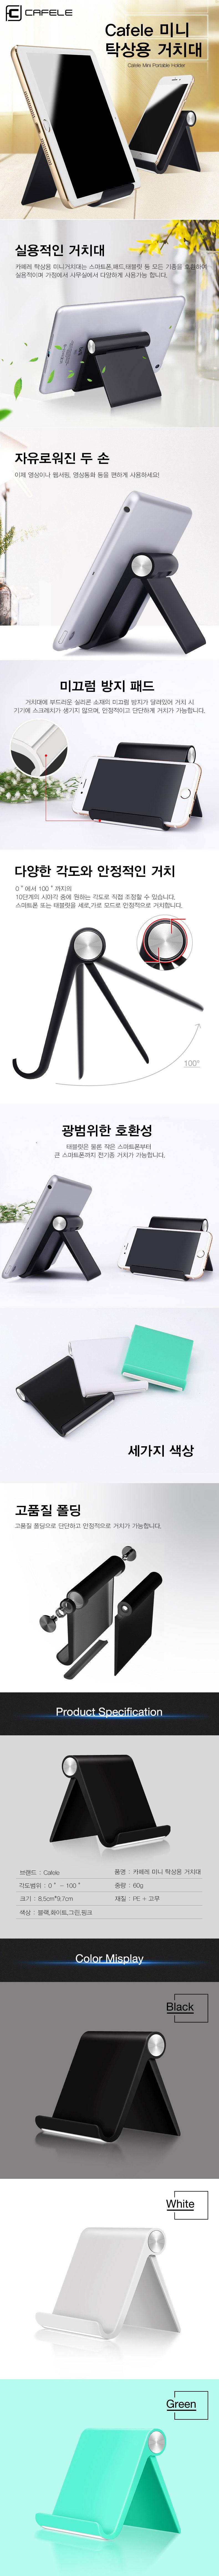 cafele_mini_portable_holder.jpg